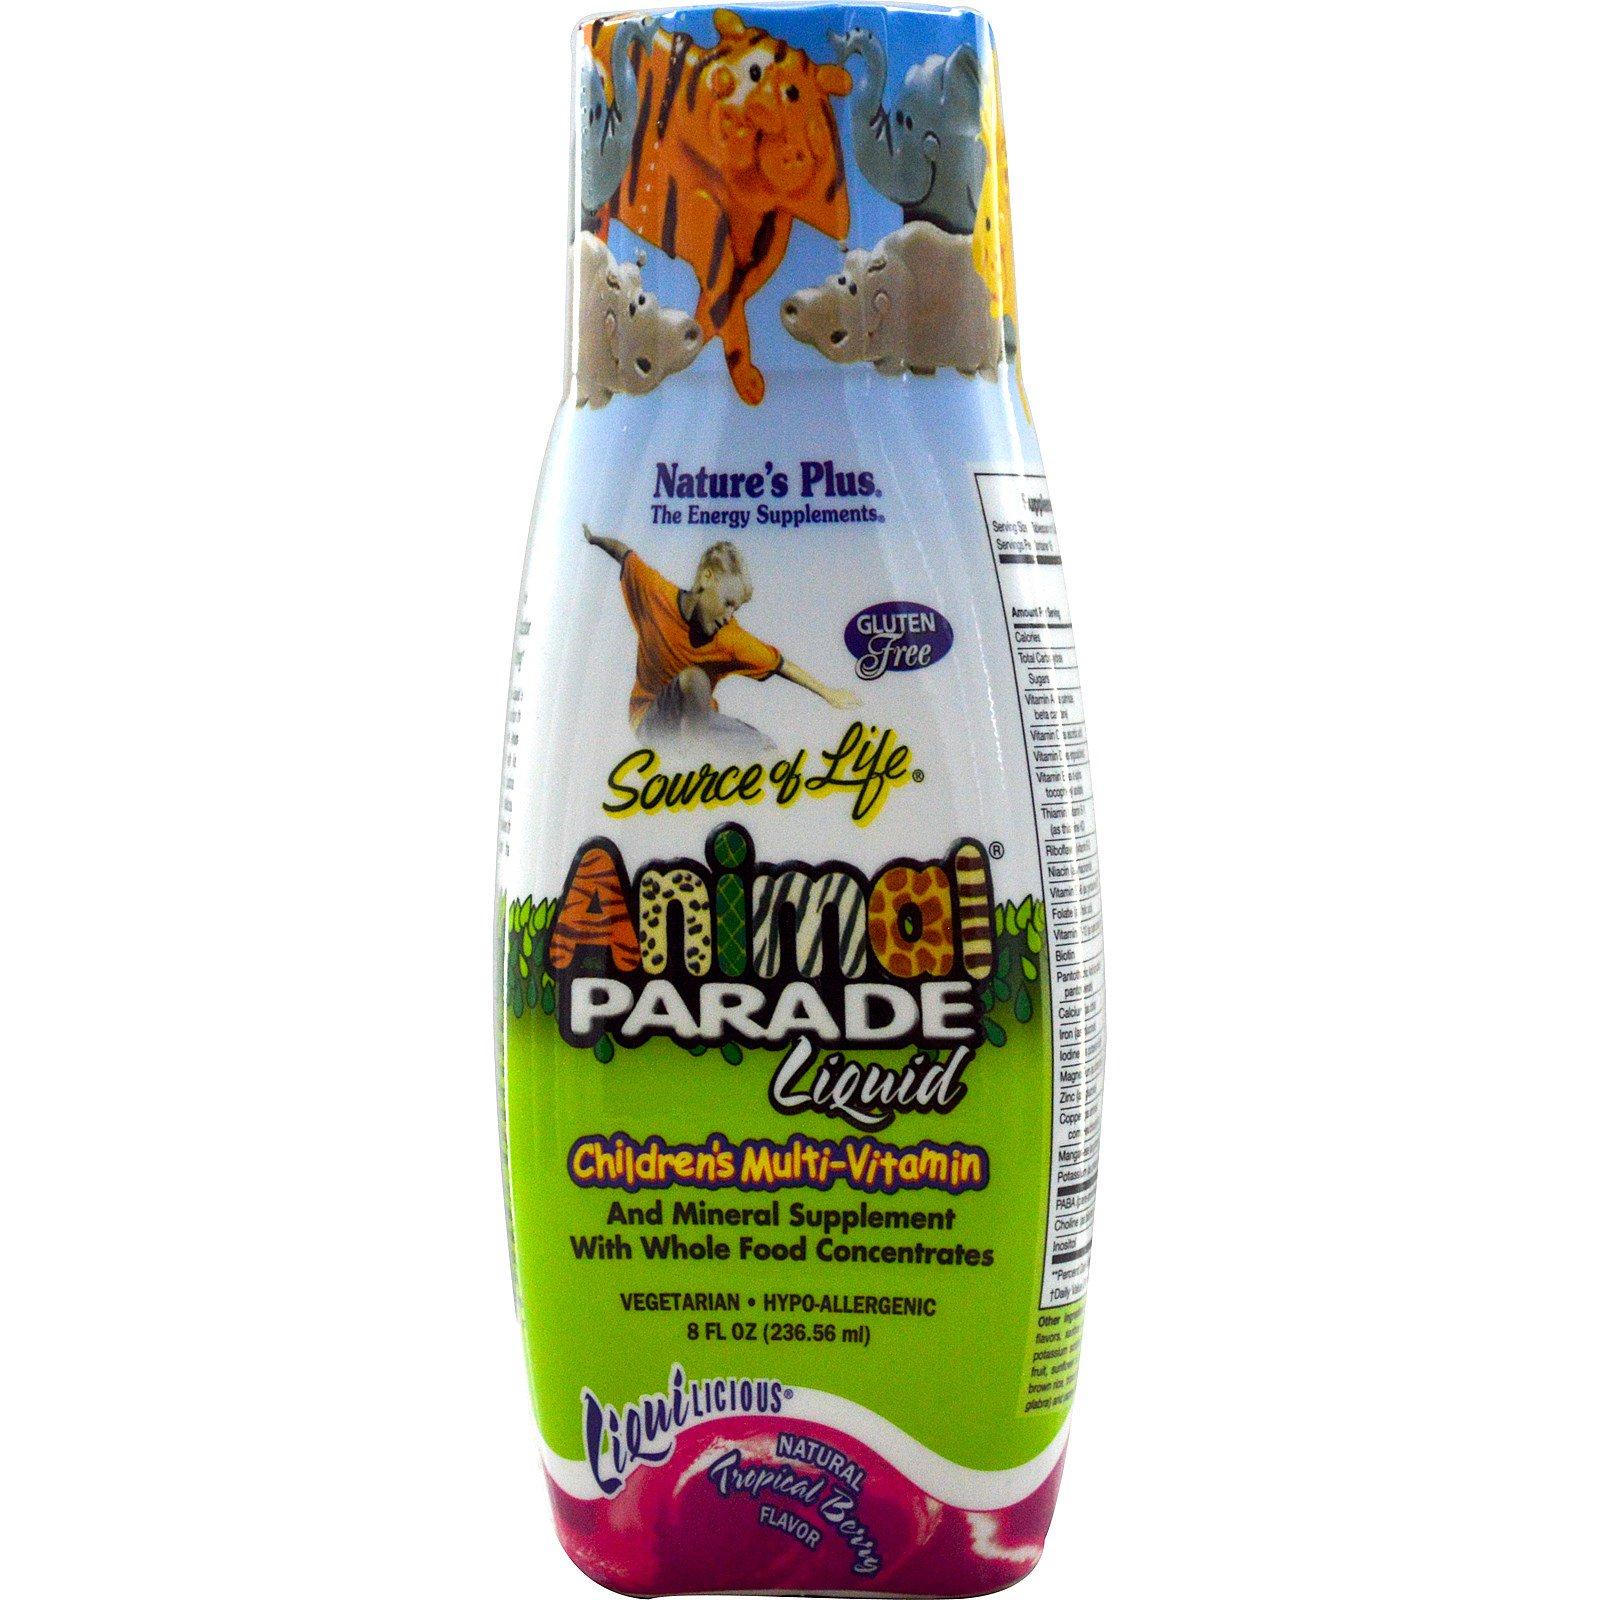 Image of Liquid, Children's Multi-Vitamin, Natural Tropical Berry Flavor (236 ml) - Nature's Plus 0097467299542